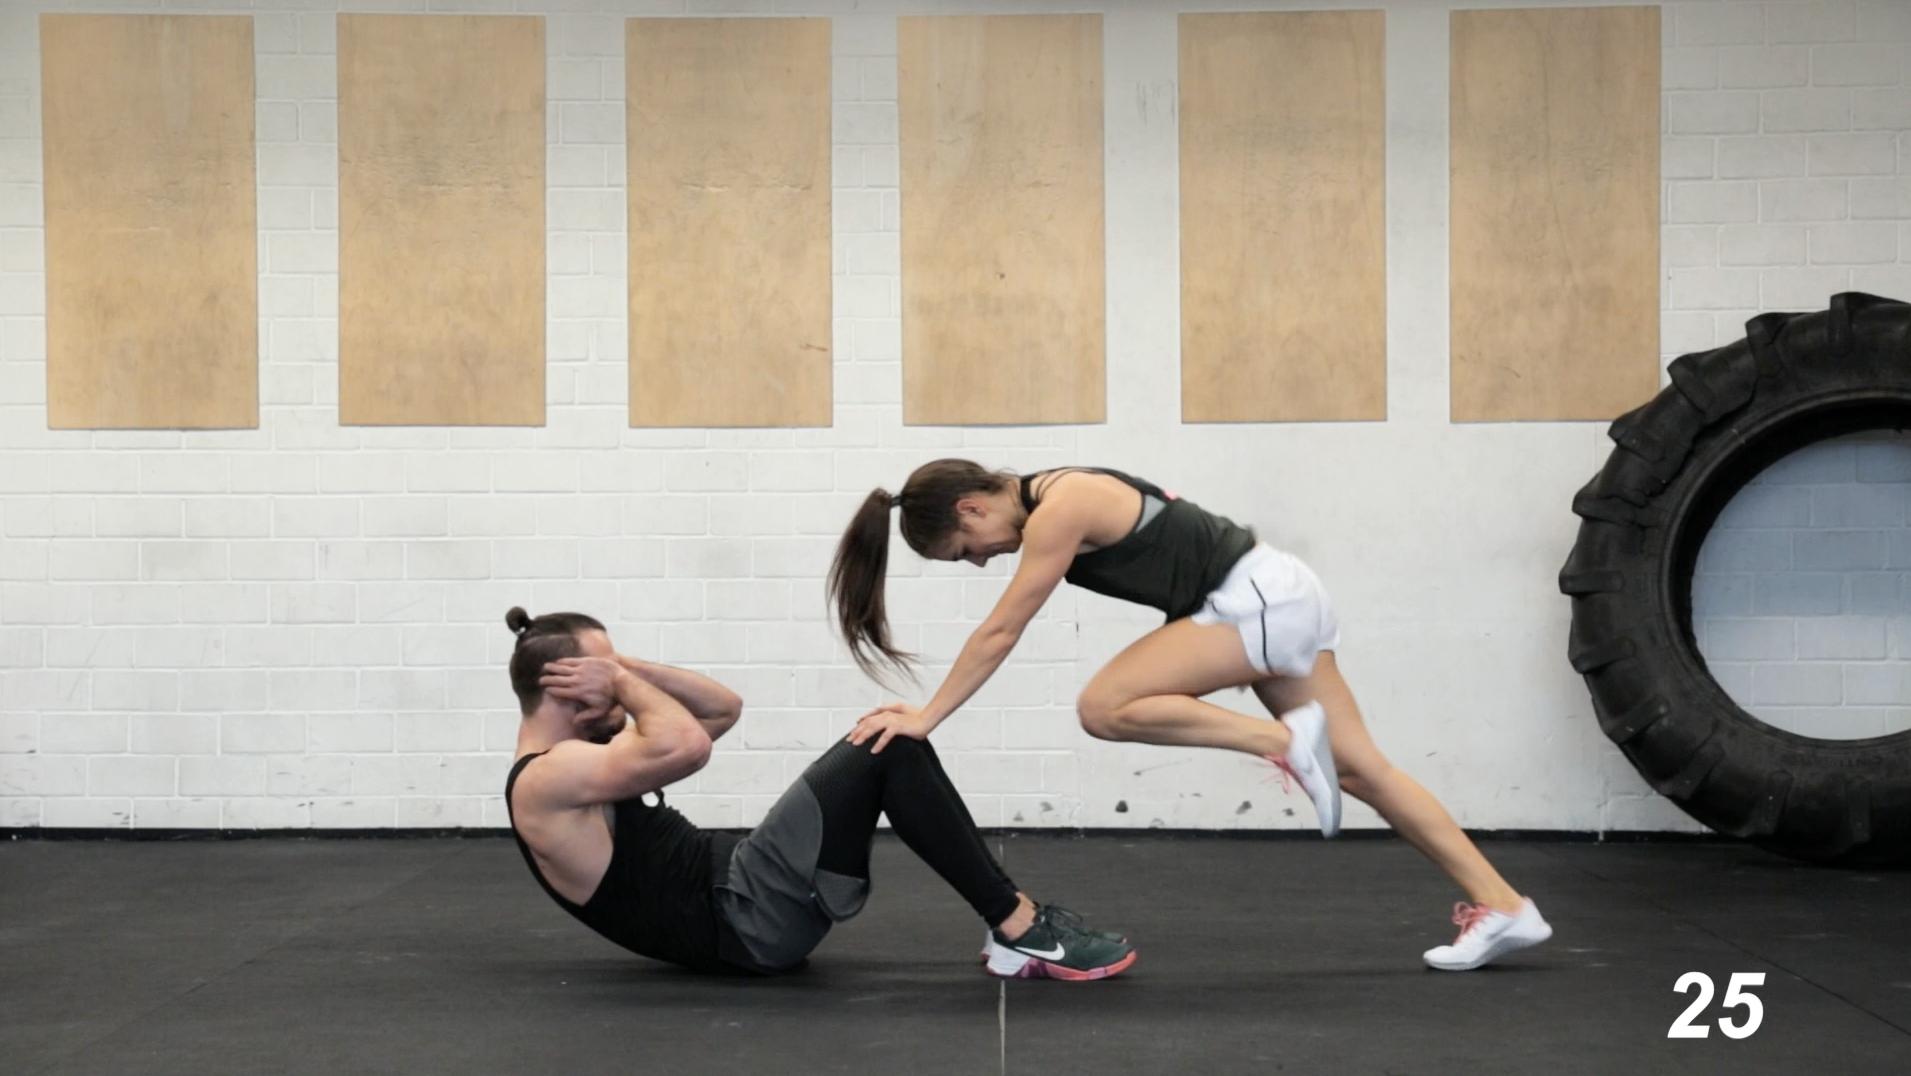 Partner-HIIT-Workout-Fatburning-11